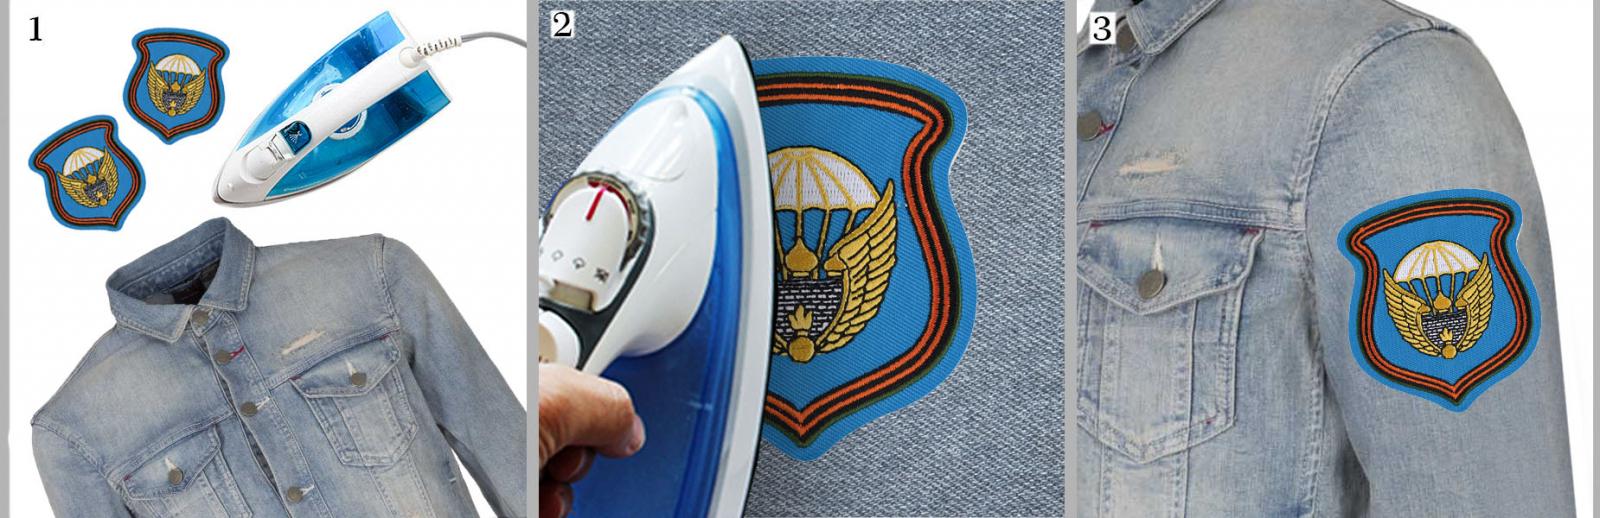 Нашивка с эмблемой 106 гв. ВДД на куртке